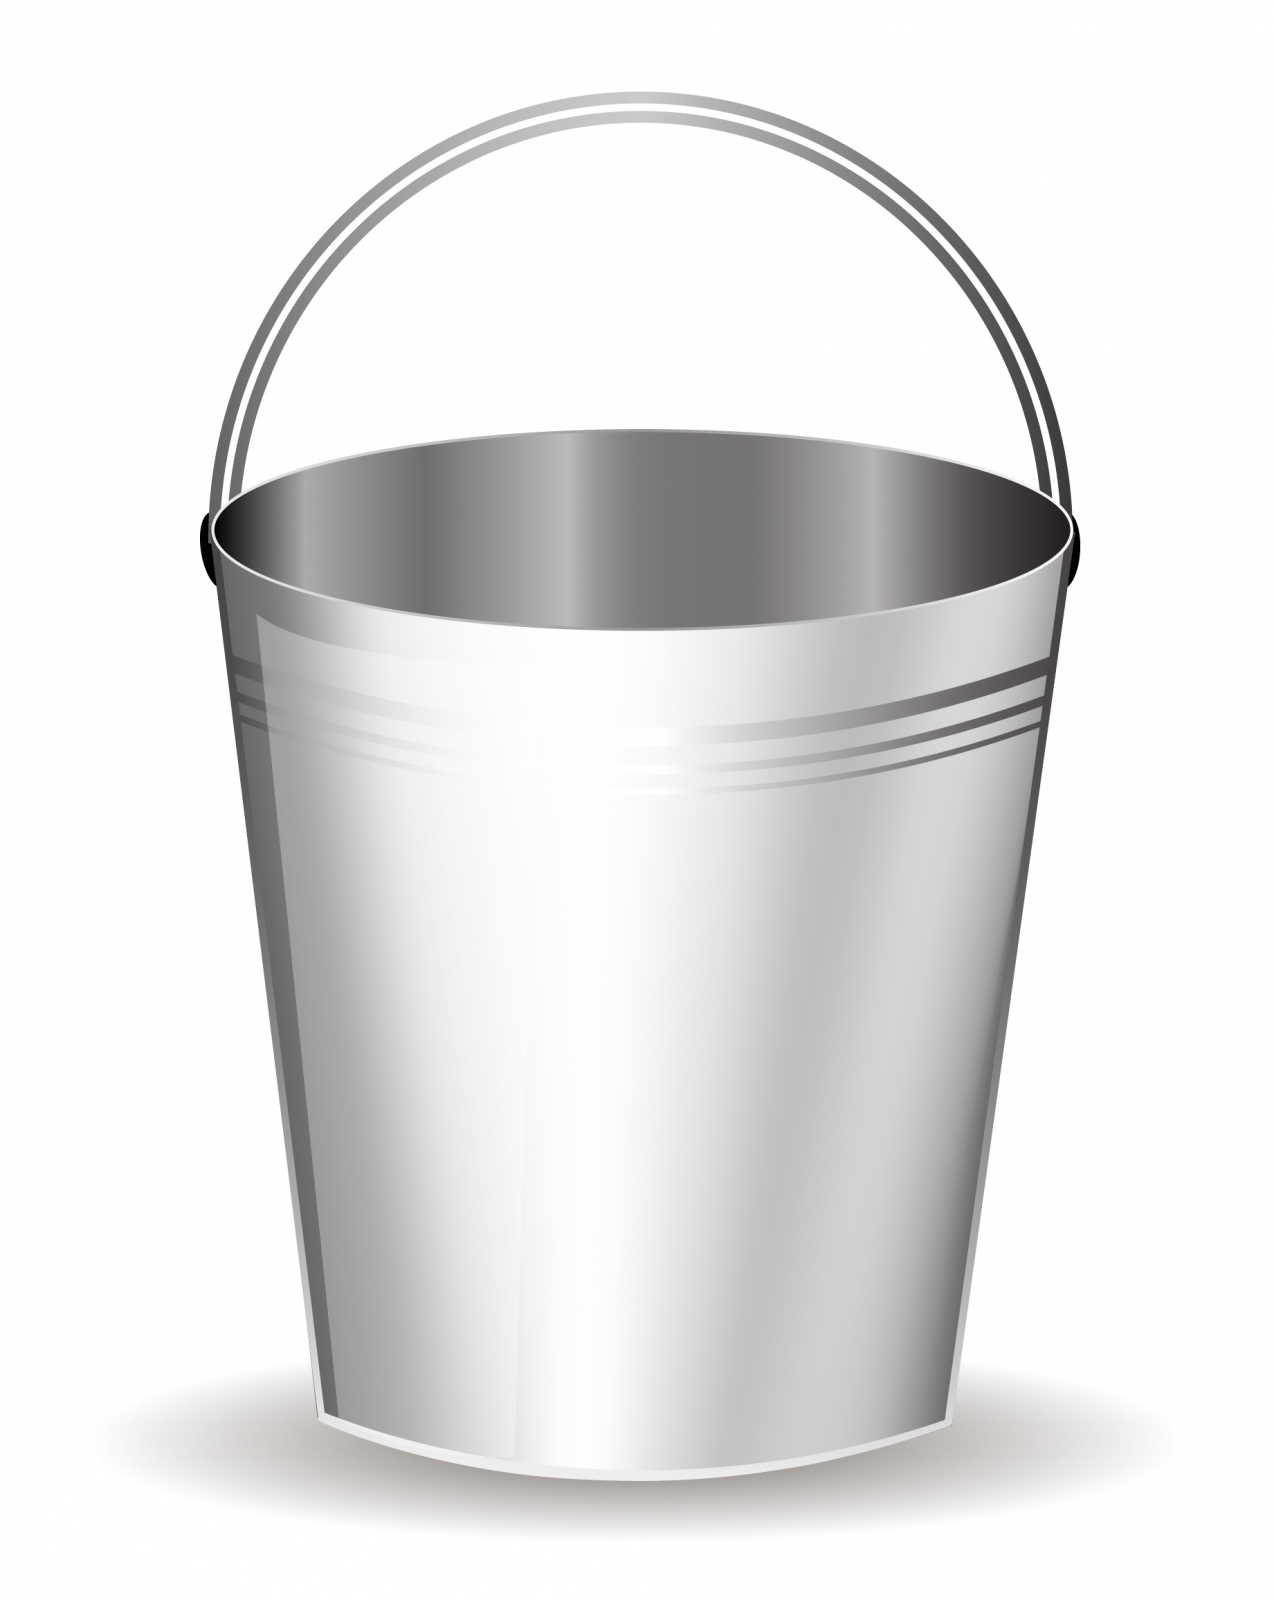 Metal Bucket Clipart.